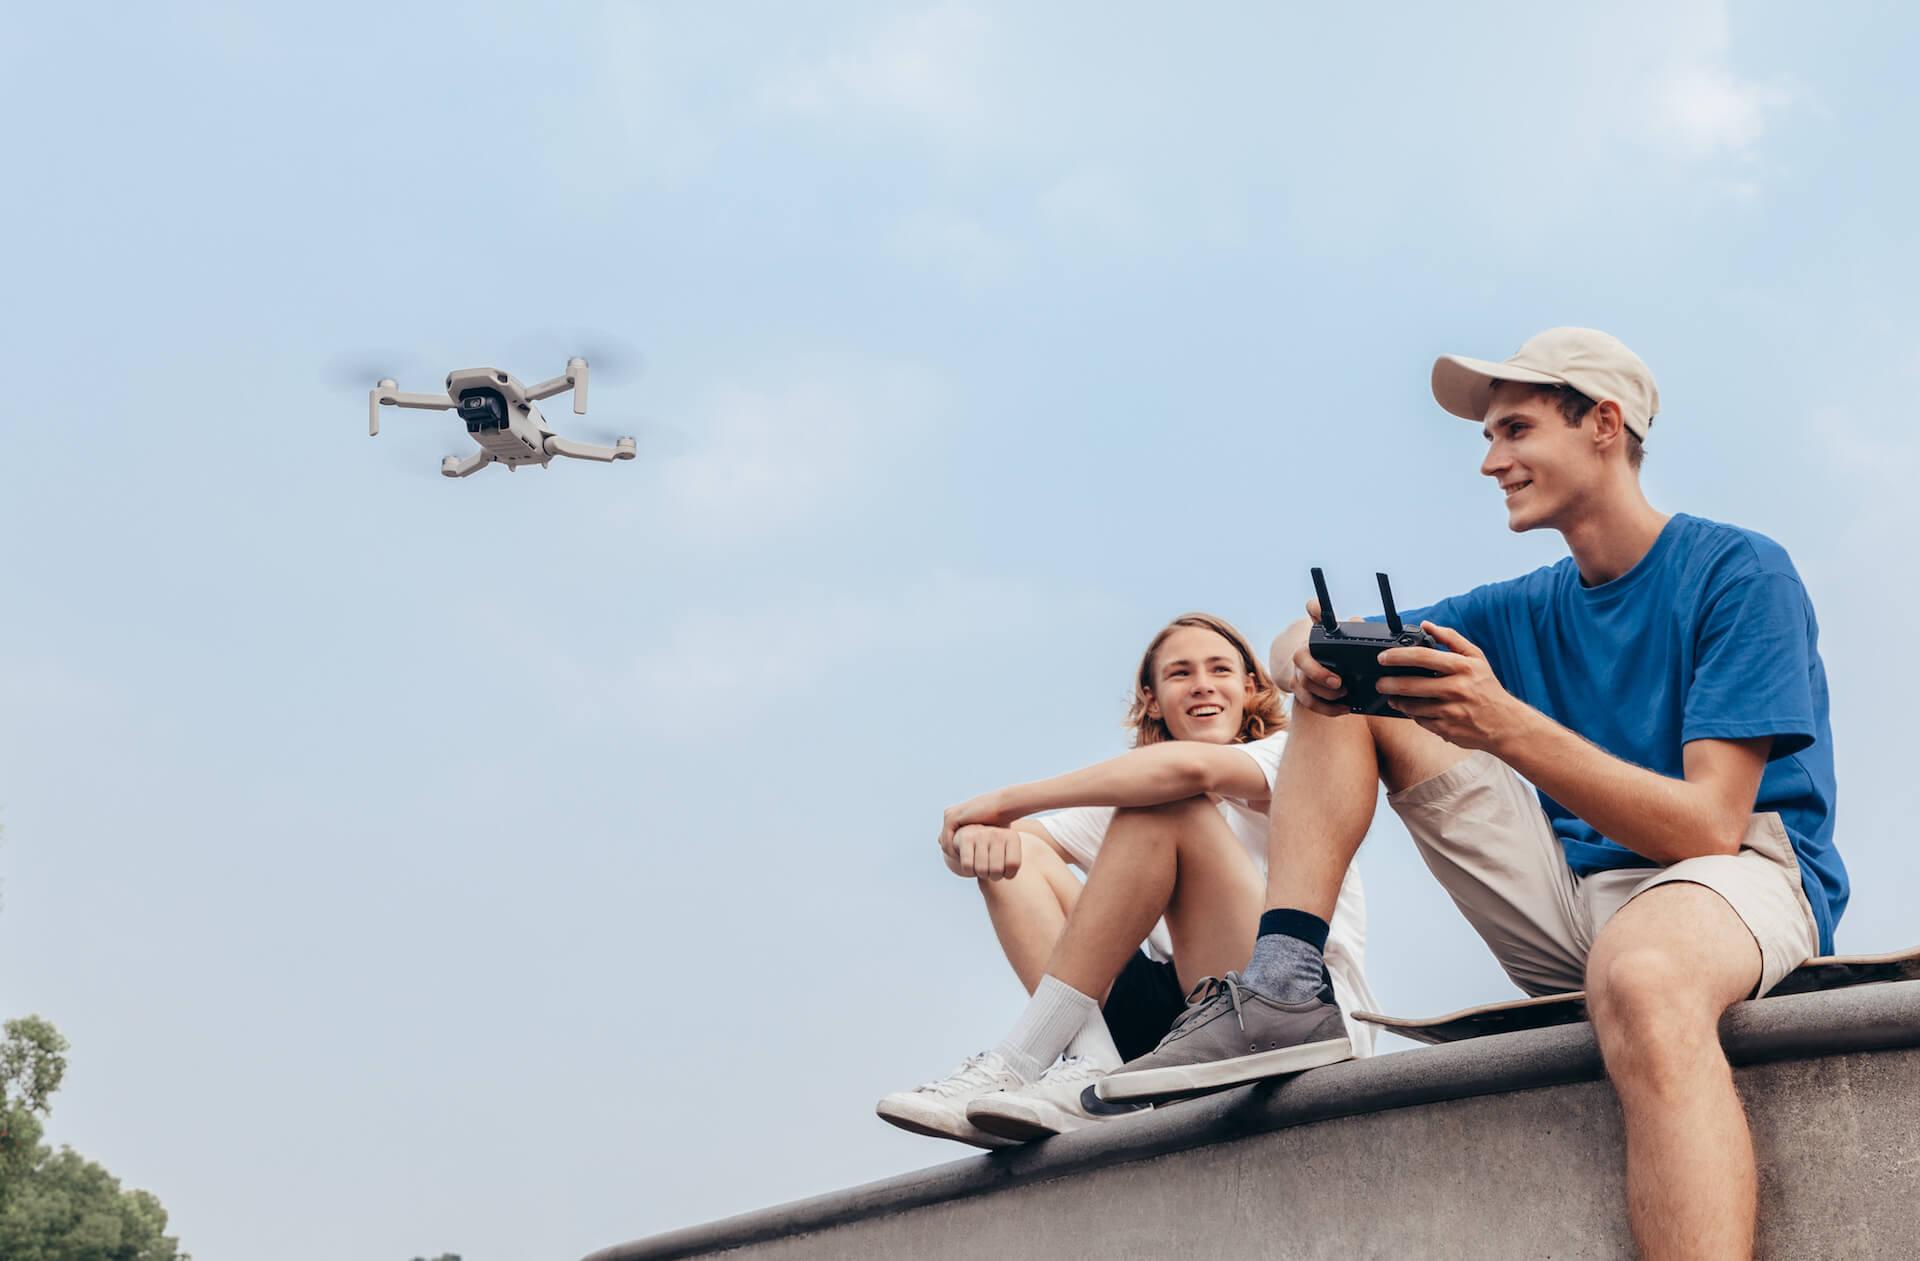 わずか199gと驚異のコンパクトさを誇る空飛ぶカメラ「DJI Mavic Mini」が登場!本日より予約受付開始 tech191031_mavicmini_2